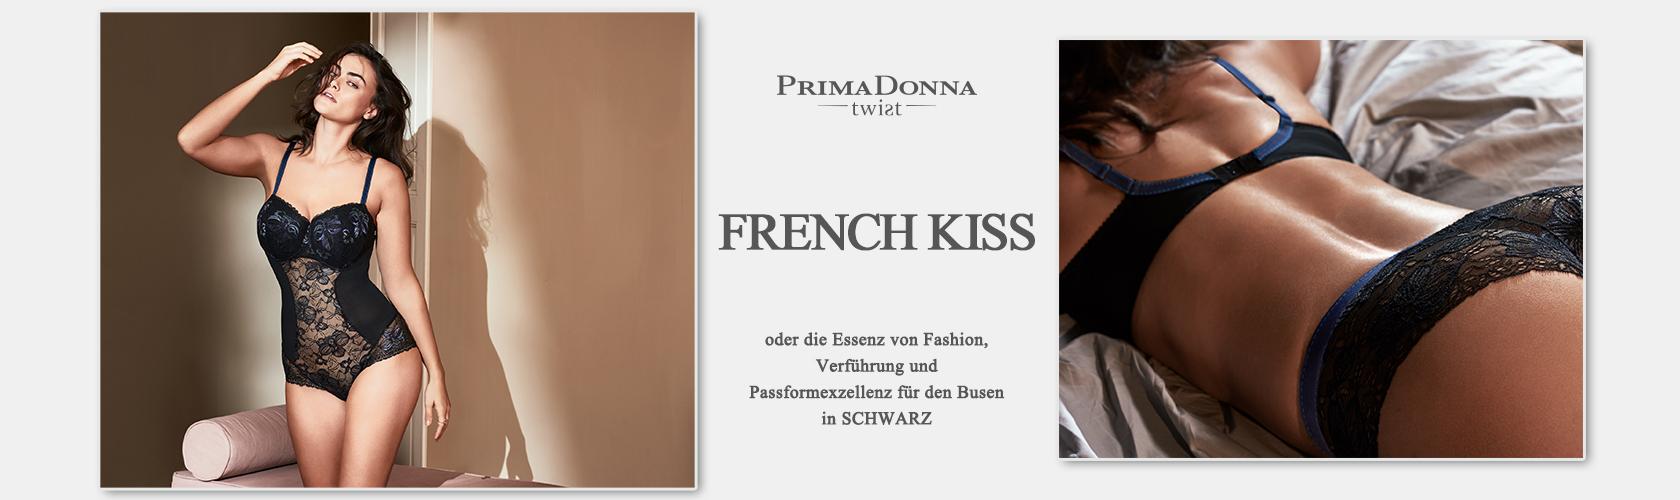 Slideshow FRENCH KISS ZWA 12.12.